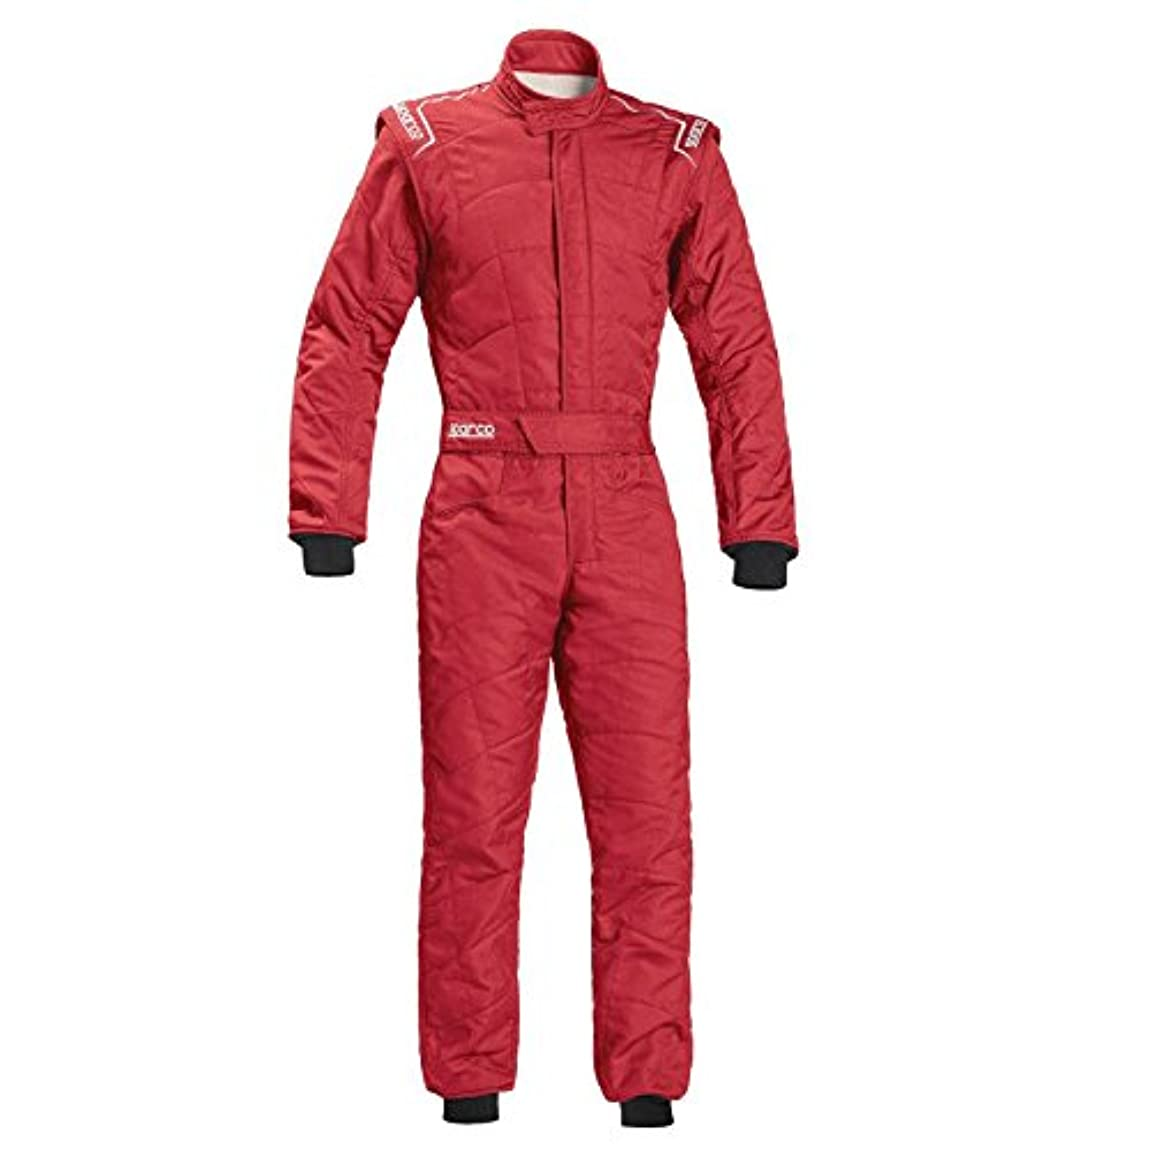 トリプル欠点偽造SPARCO (スパルコ) レーシングスーツ SPRINT RS-2.1 RED サイズ50 00109150RS